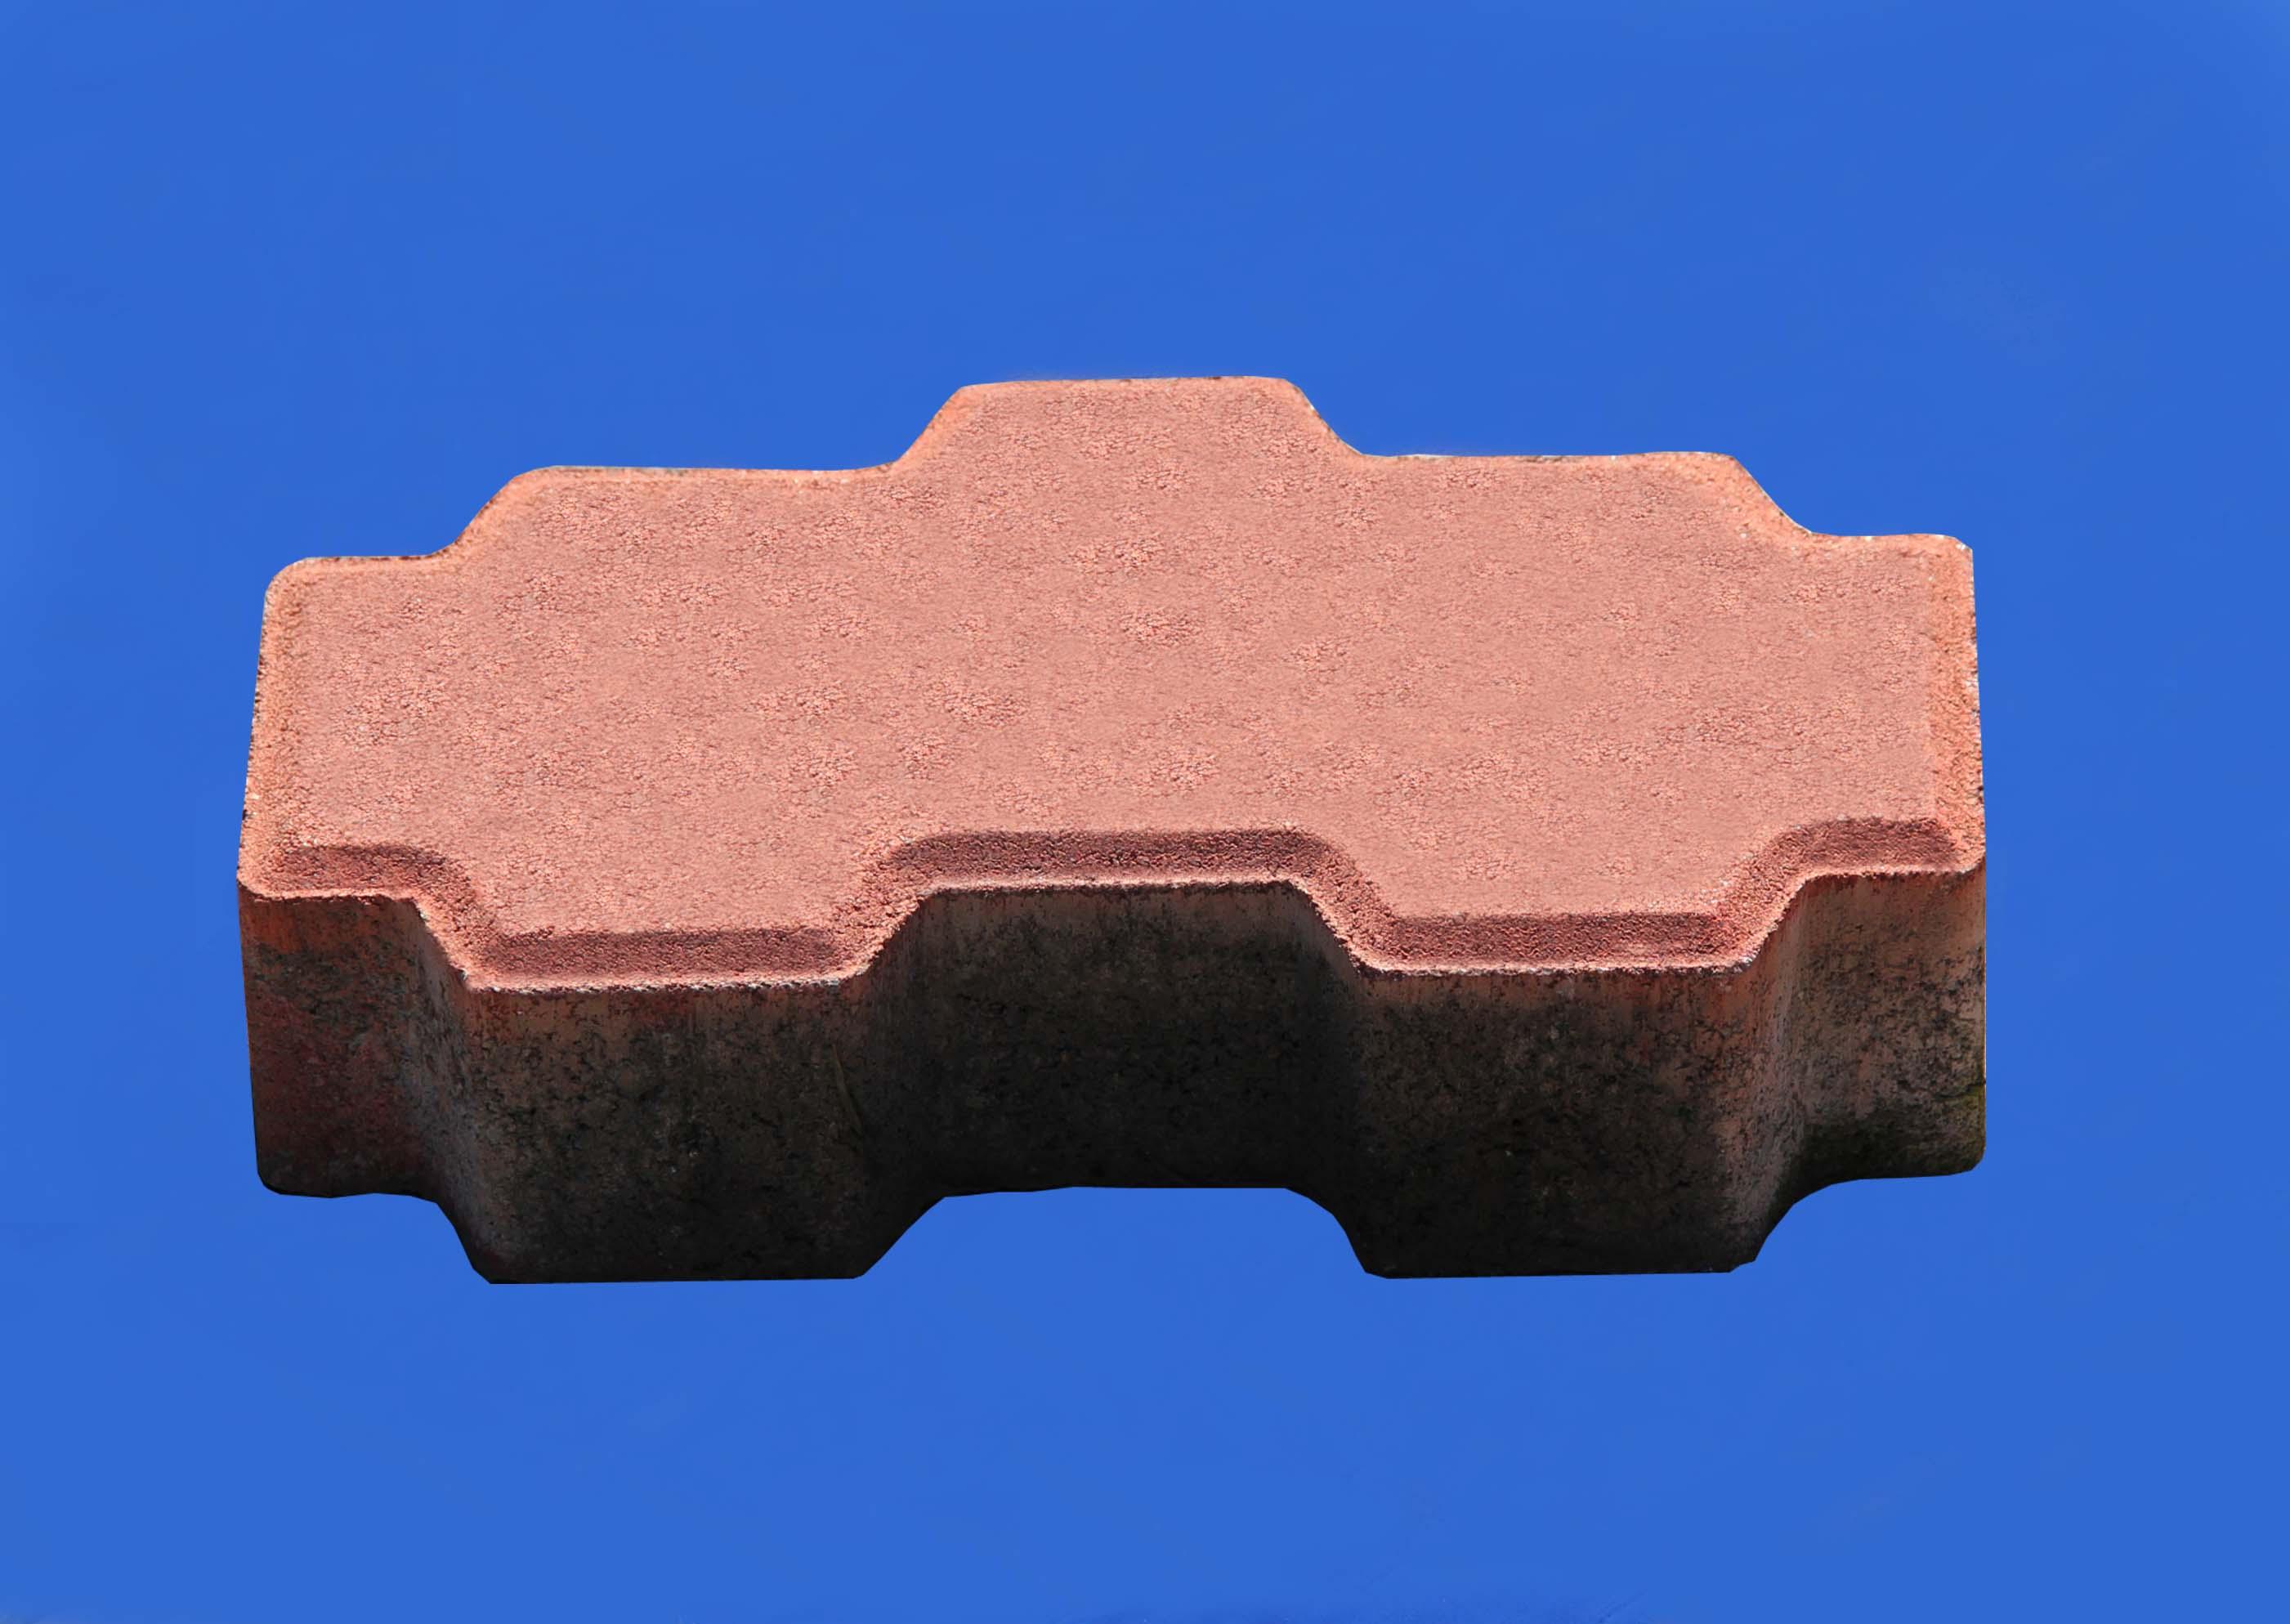 彩色路面砖系之列红色互锁砖